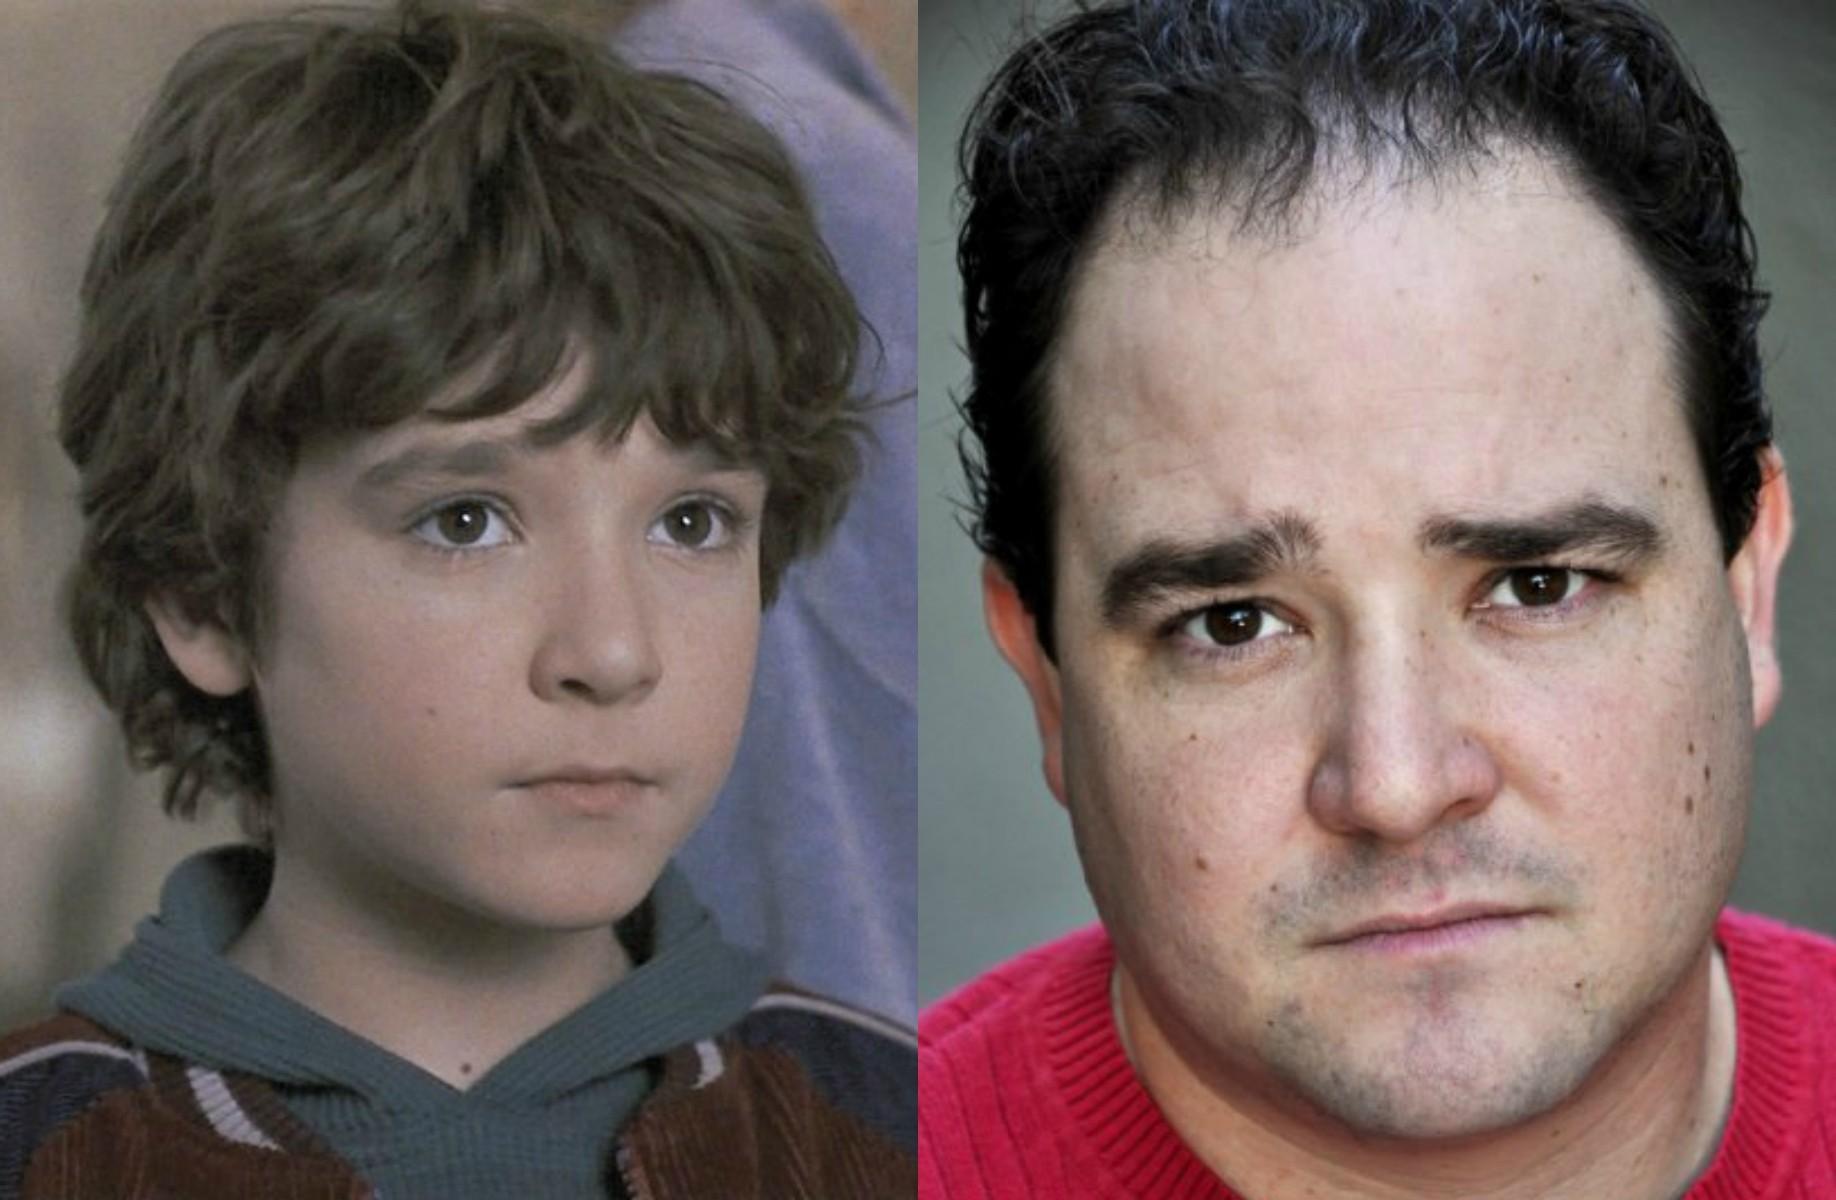 Bradley Pierce fez o Peter do clássico 'Jumanji' (1995). Agora está com 31 anos de idade. (Foto: Reprodução e Divulgação)